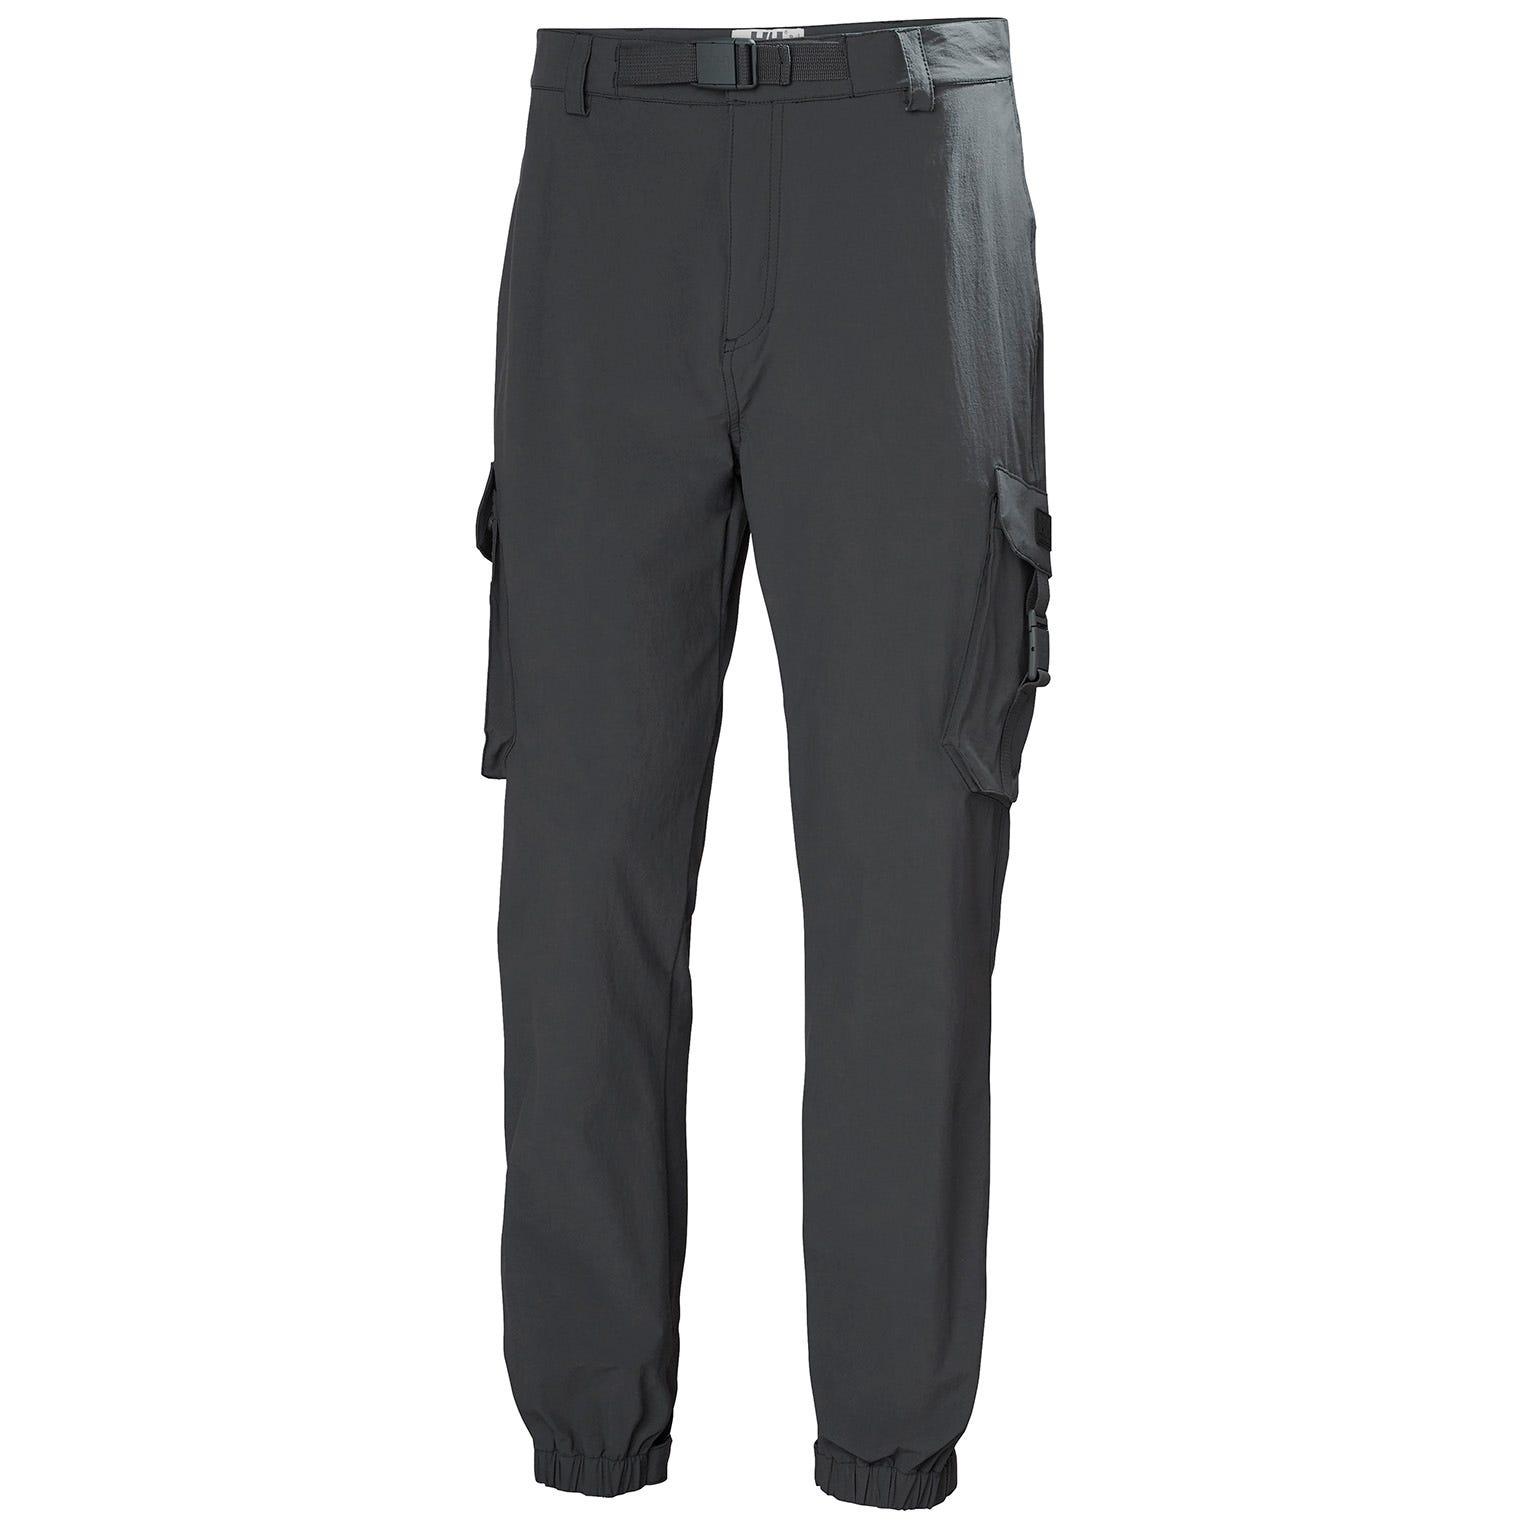 Helly Hansen Mens Hh Arc S21 Ocean Lightweight Trousers XL